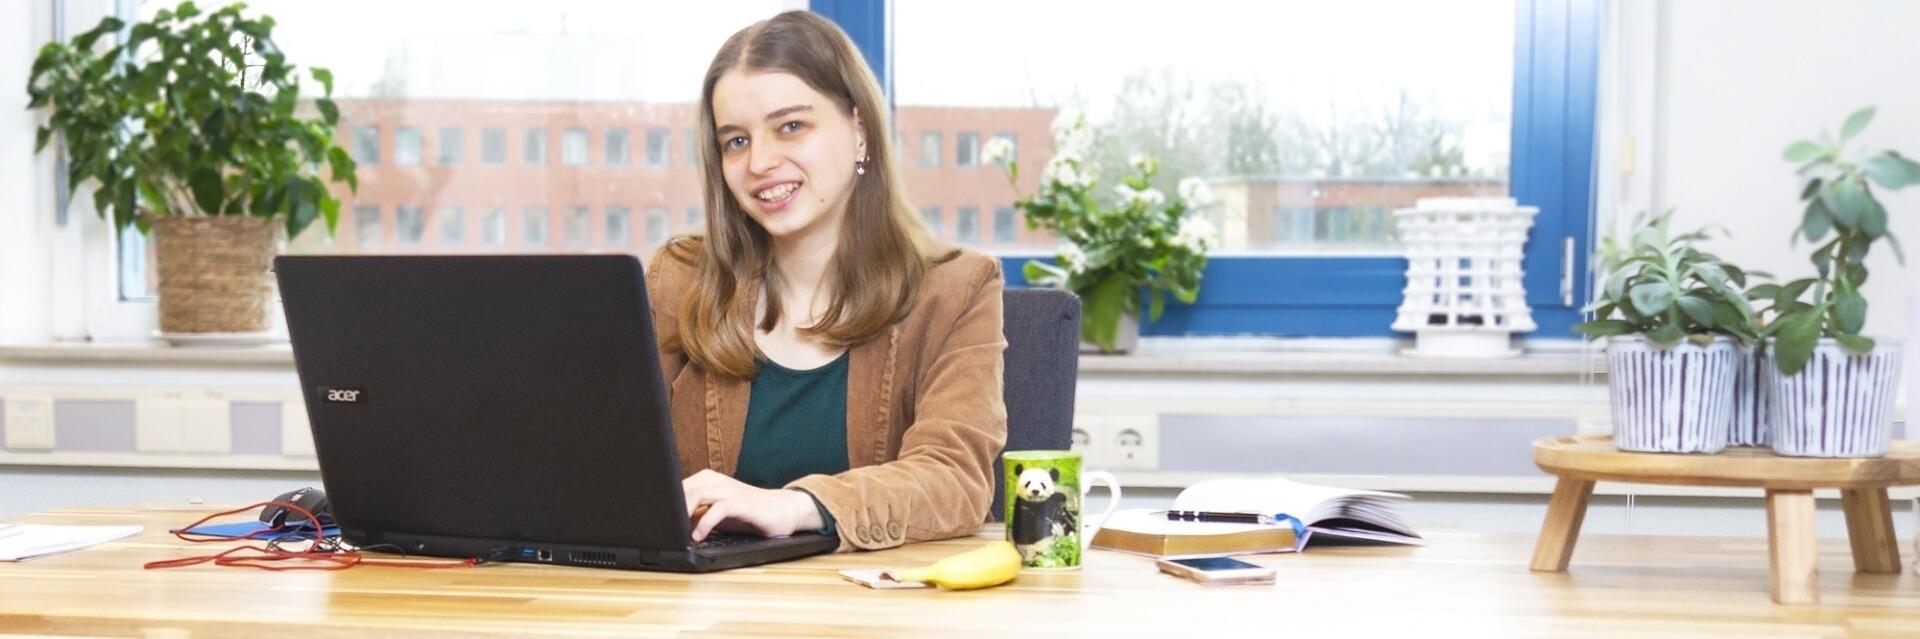 Marrit Postma van Woordprikkels schreef gastblog: Wat heeft een webtekst die klanten trekt?